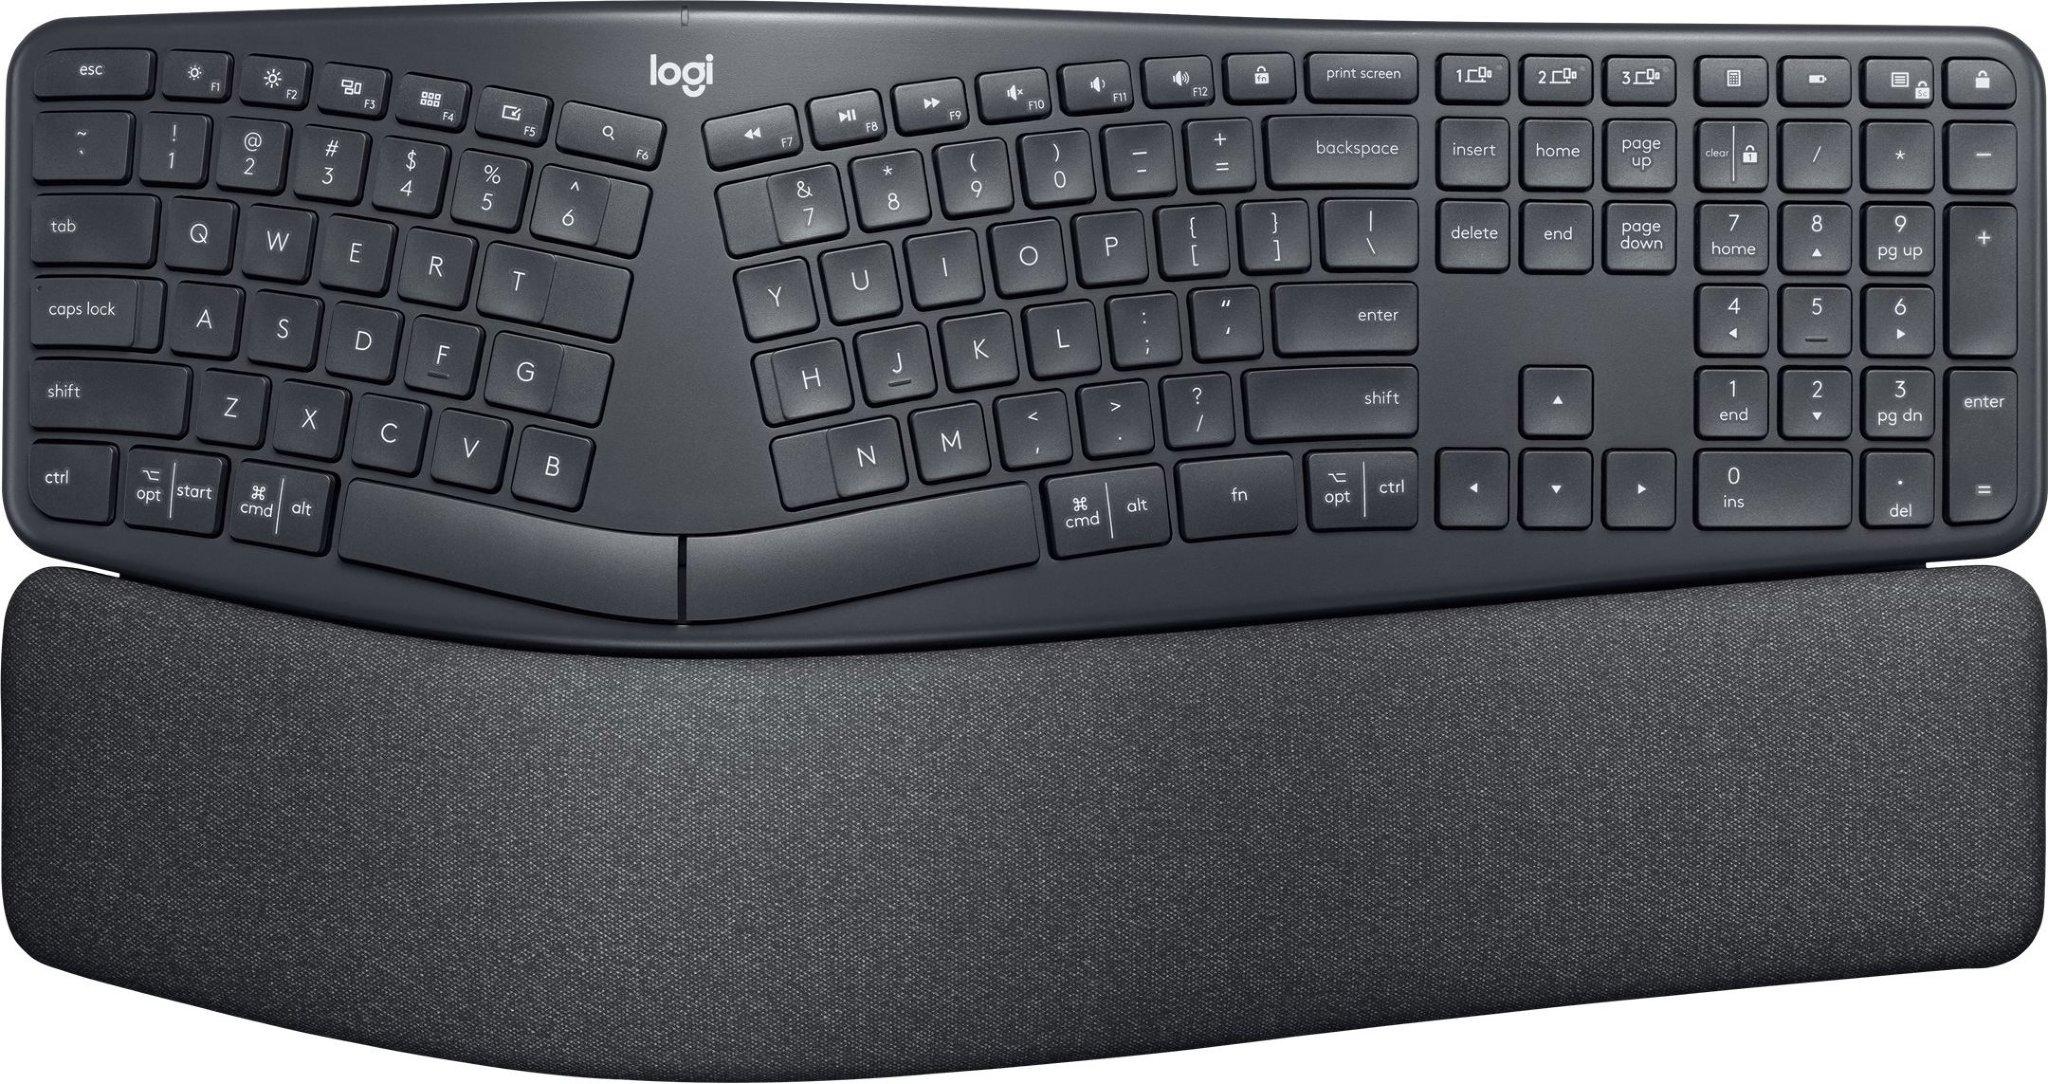 Best pris på Logitech ERGO K860 Se priser før kjøp i